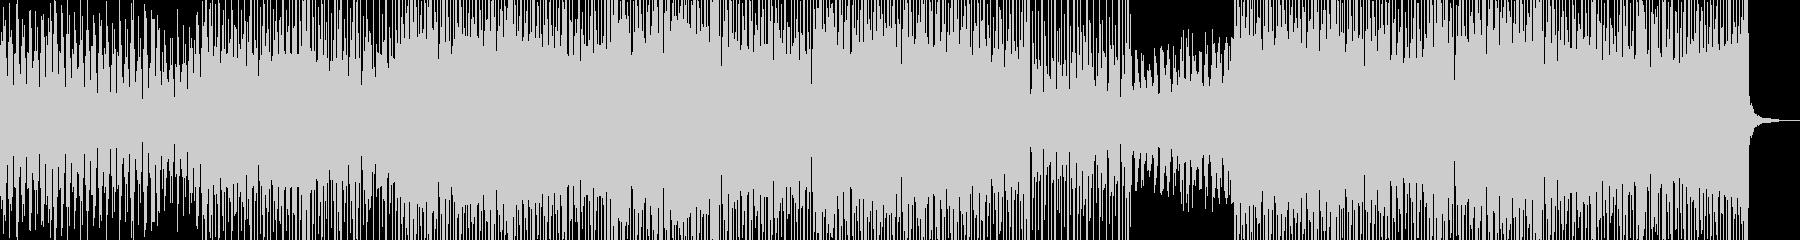 【レトロ】90年代レトロサウンド_03の未再生の波形